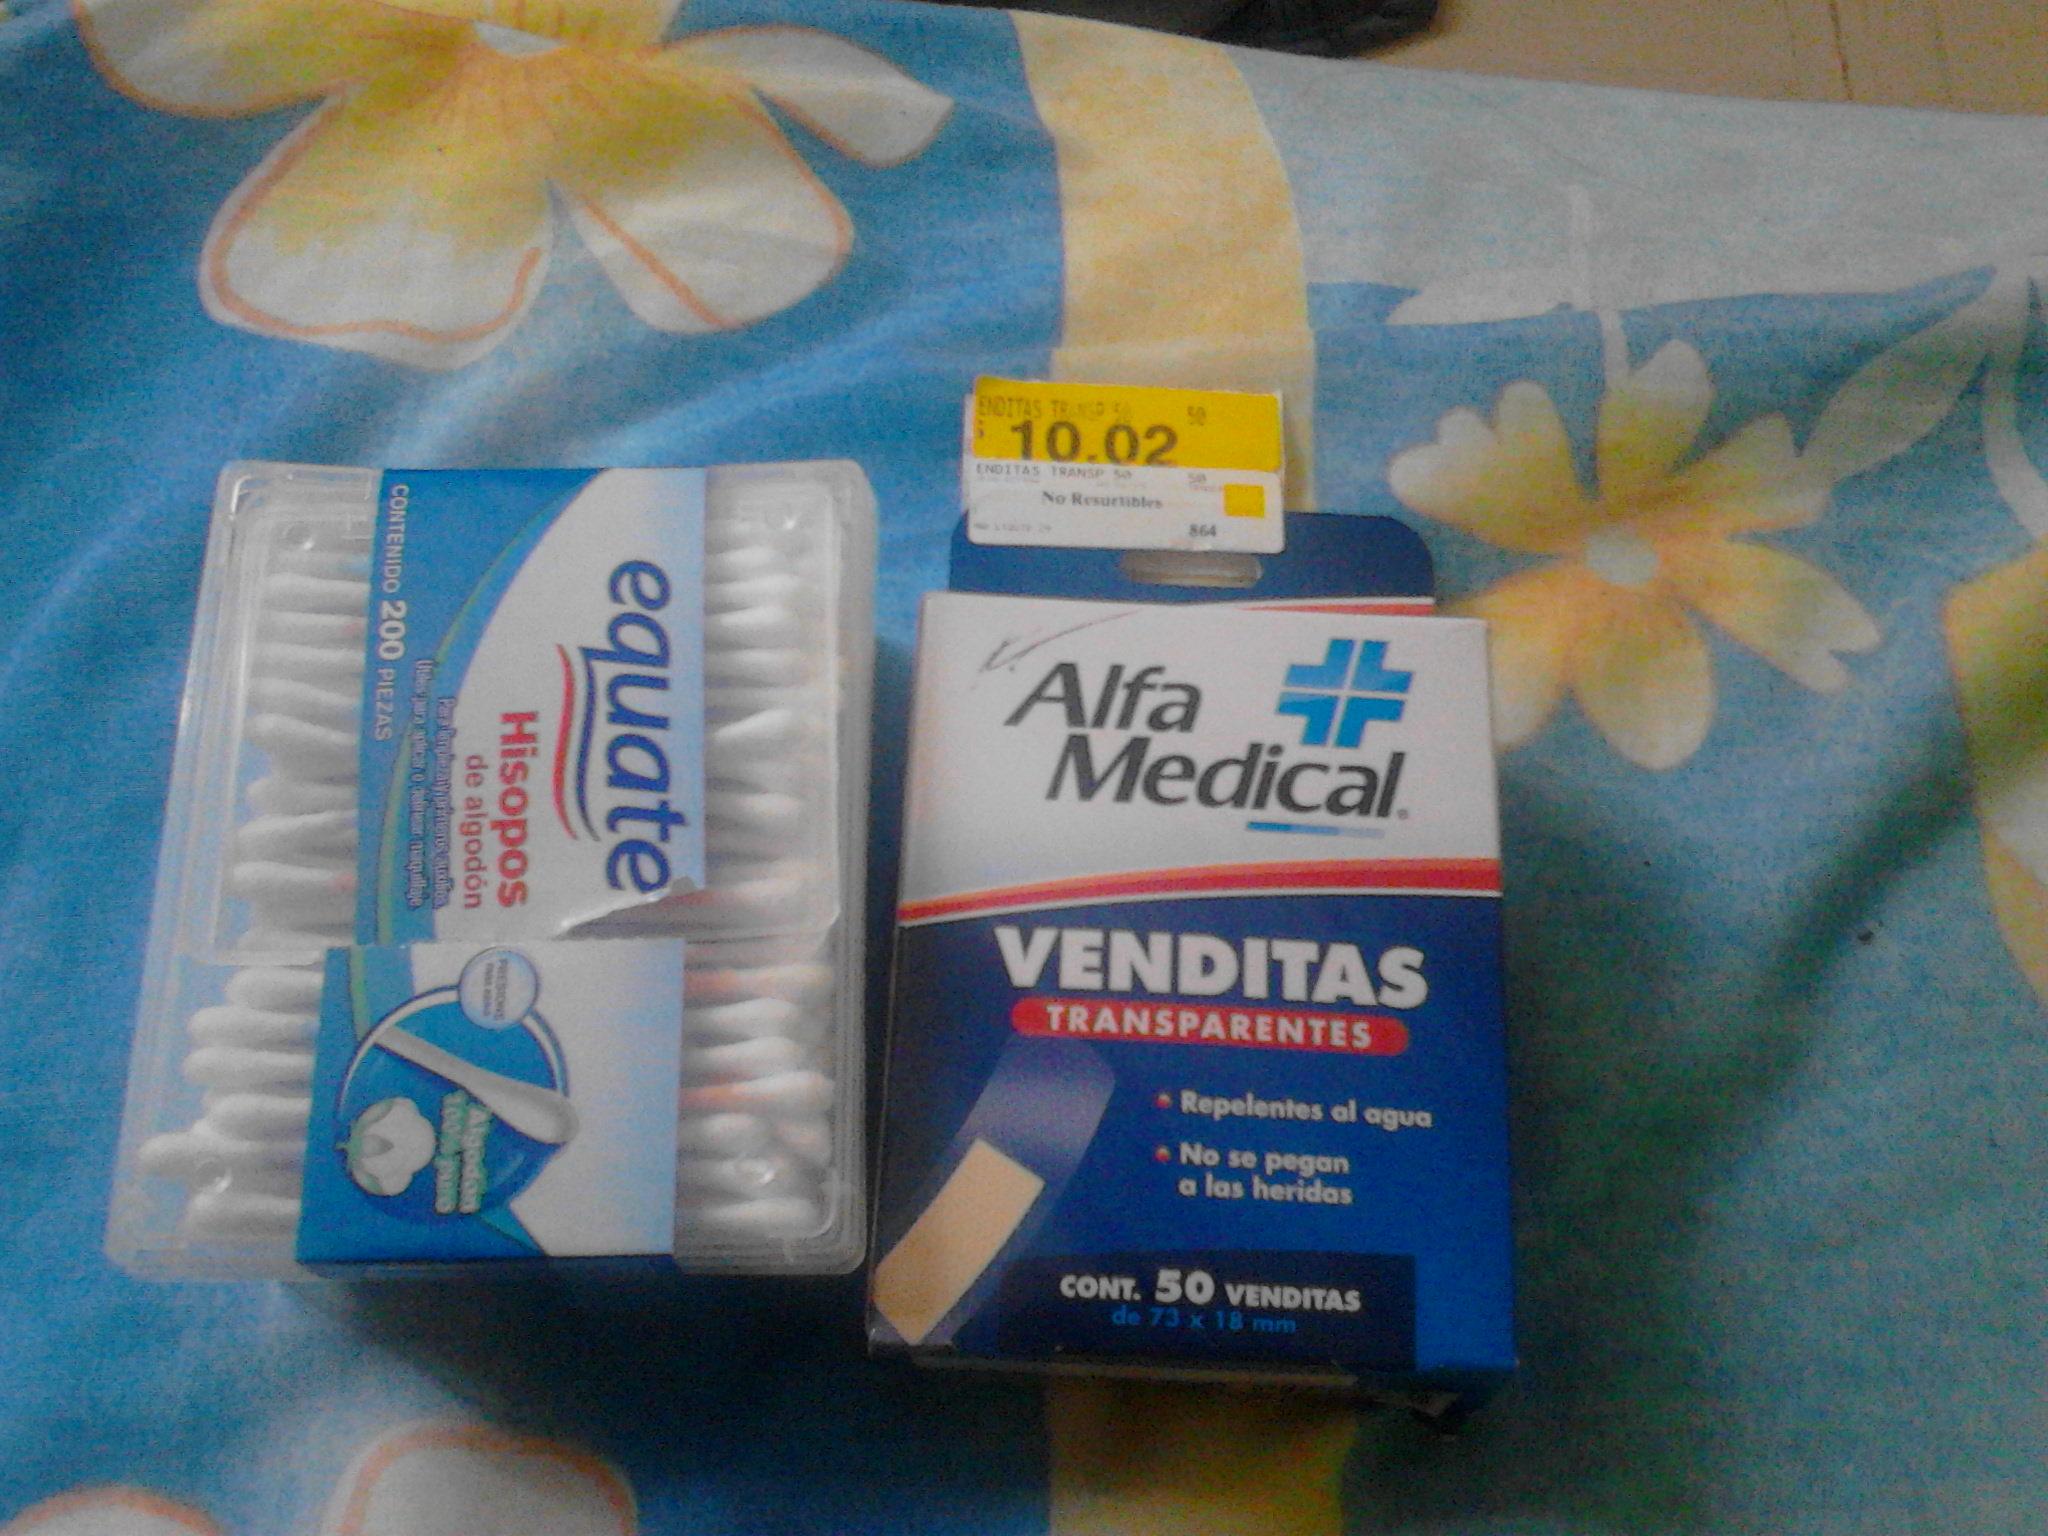 Walmart: 200 cotonetes ó 50 venditas $10.02